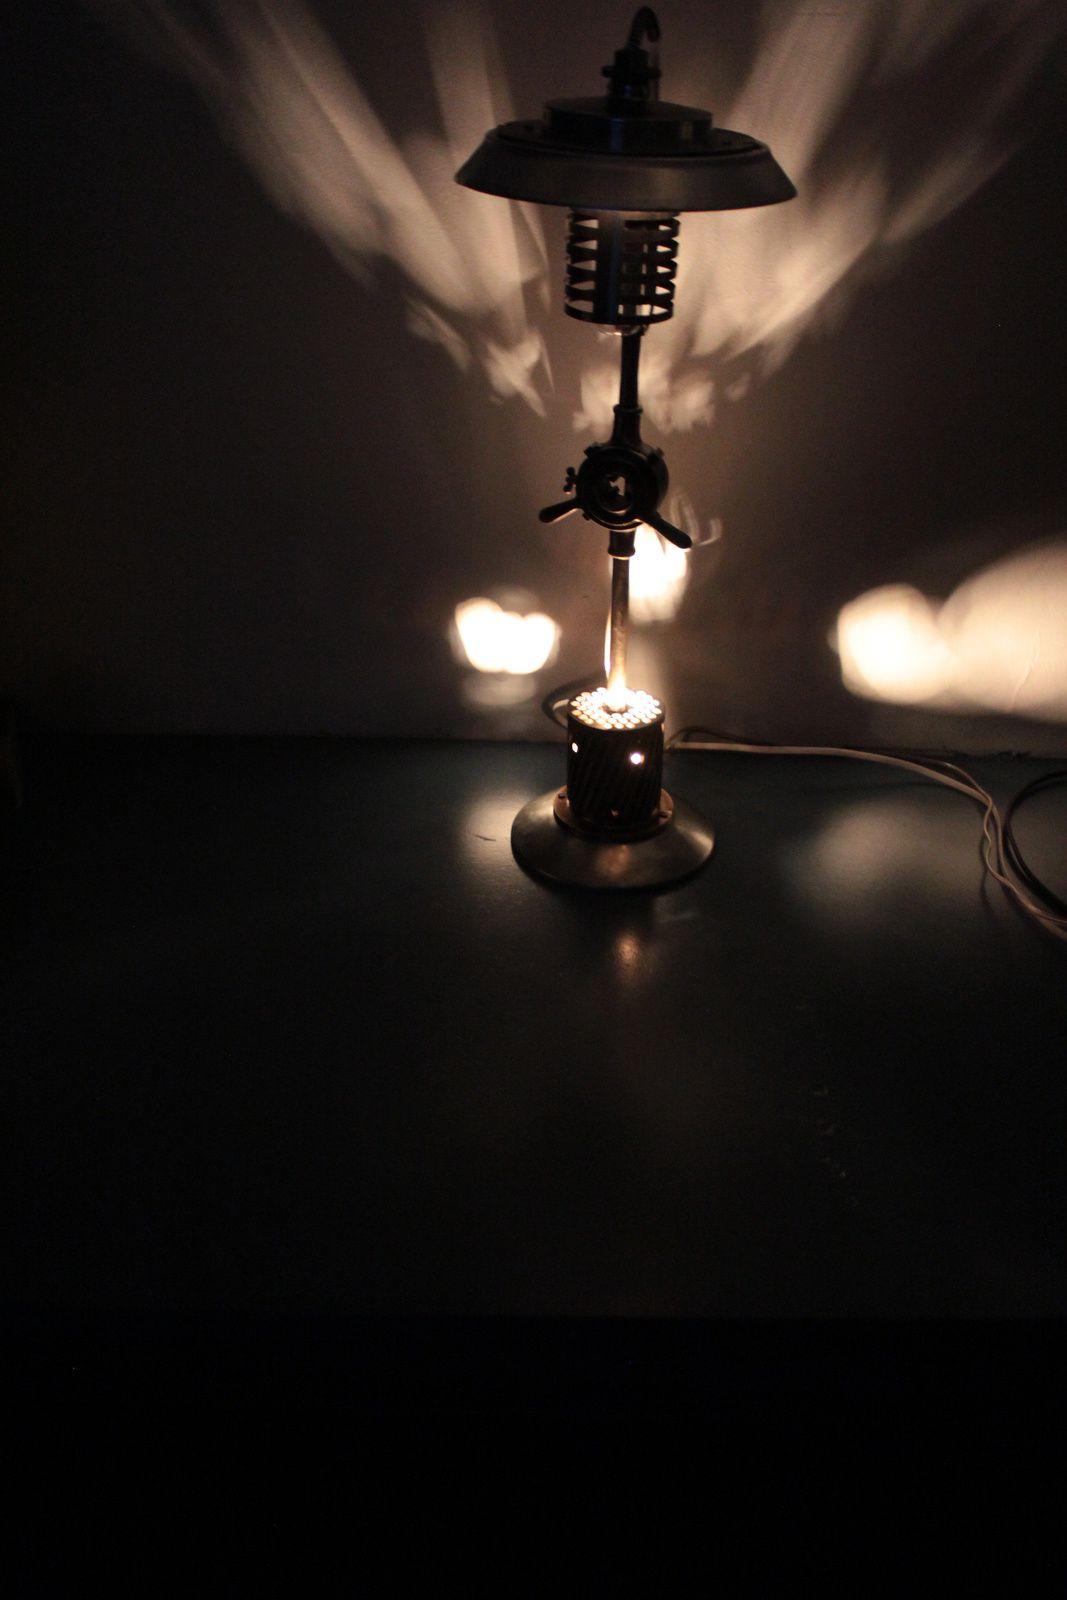 luminaire 2 en 1 lampe et lumi re d 39 ambiance dans l spris r cup la lumiere recup design. Black Bedroom Furniture Sets. Home Design Ideas